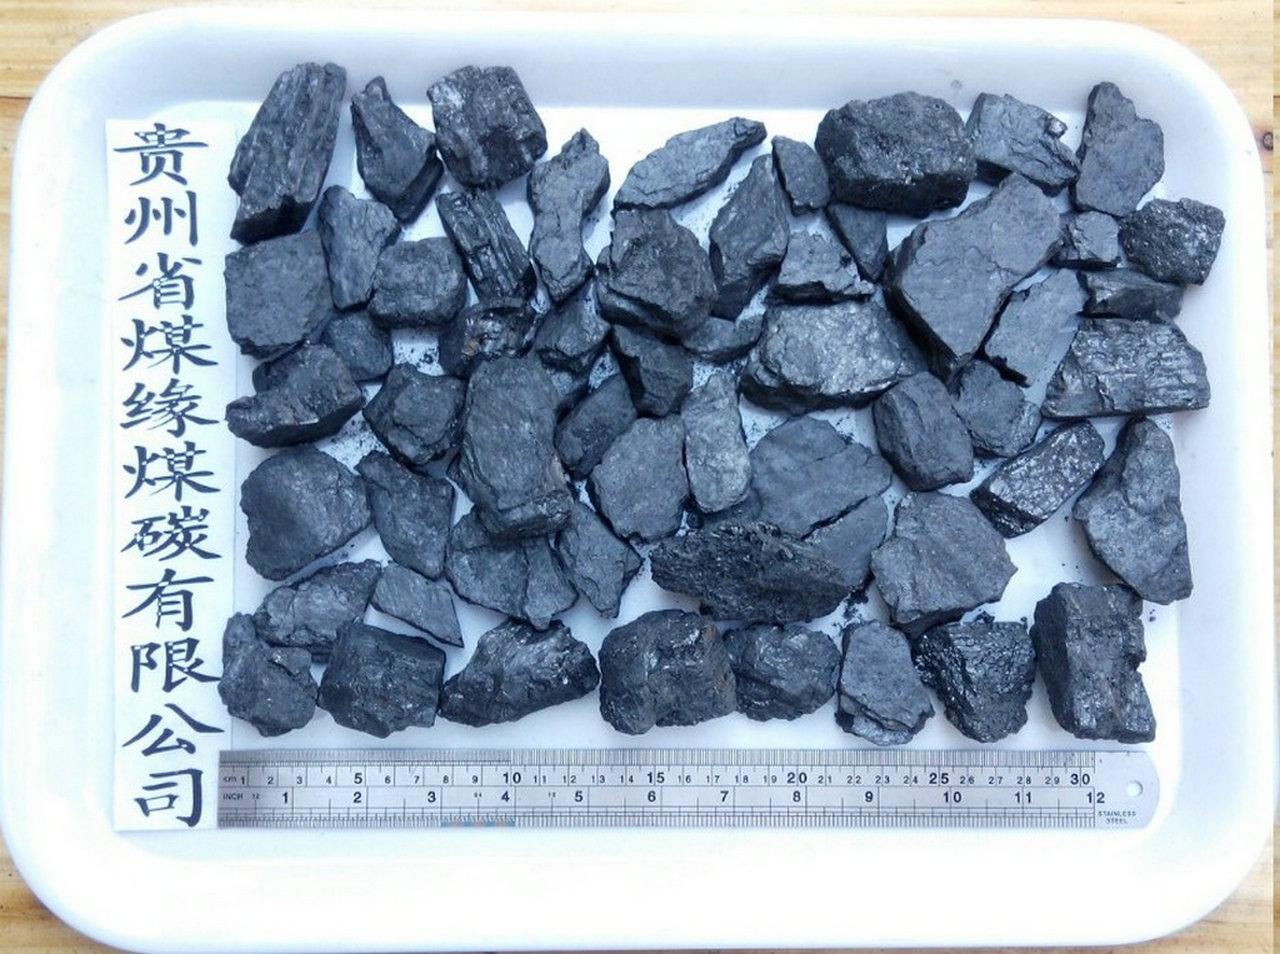 大安煤炭2-4(公分)